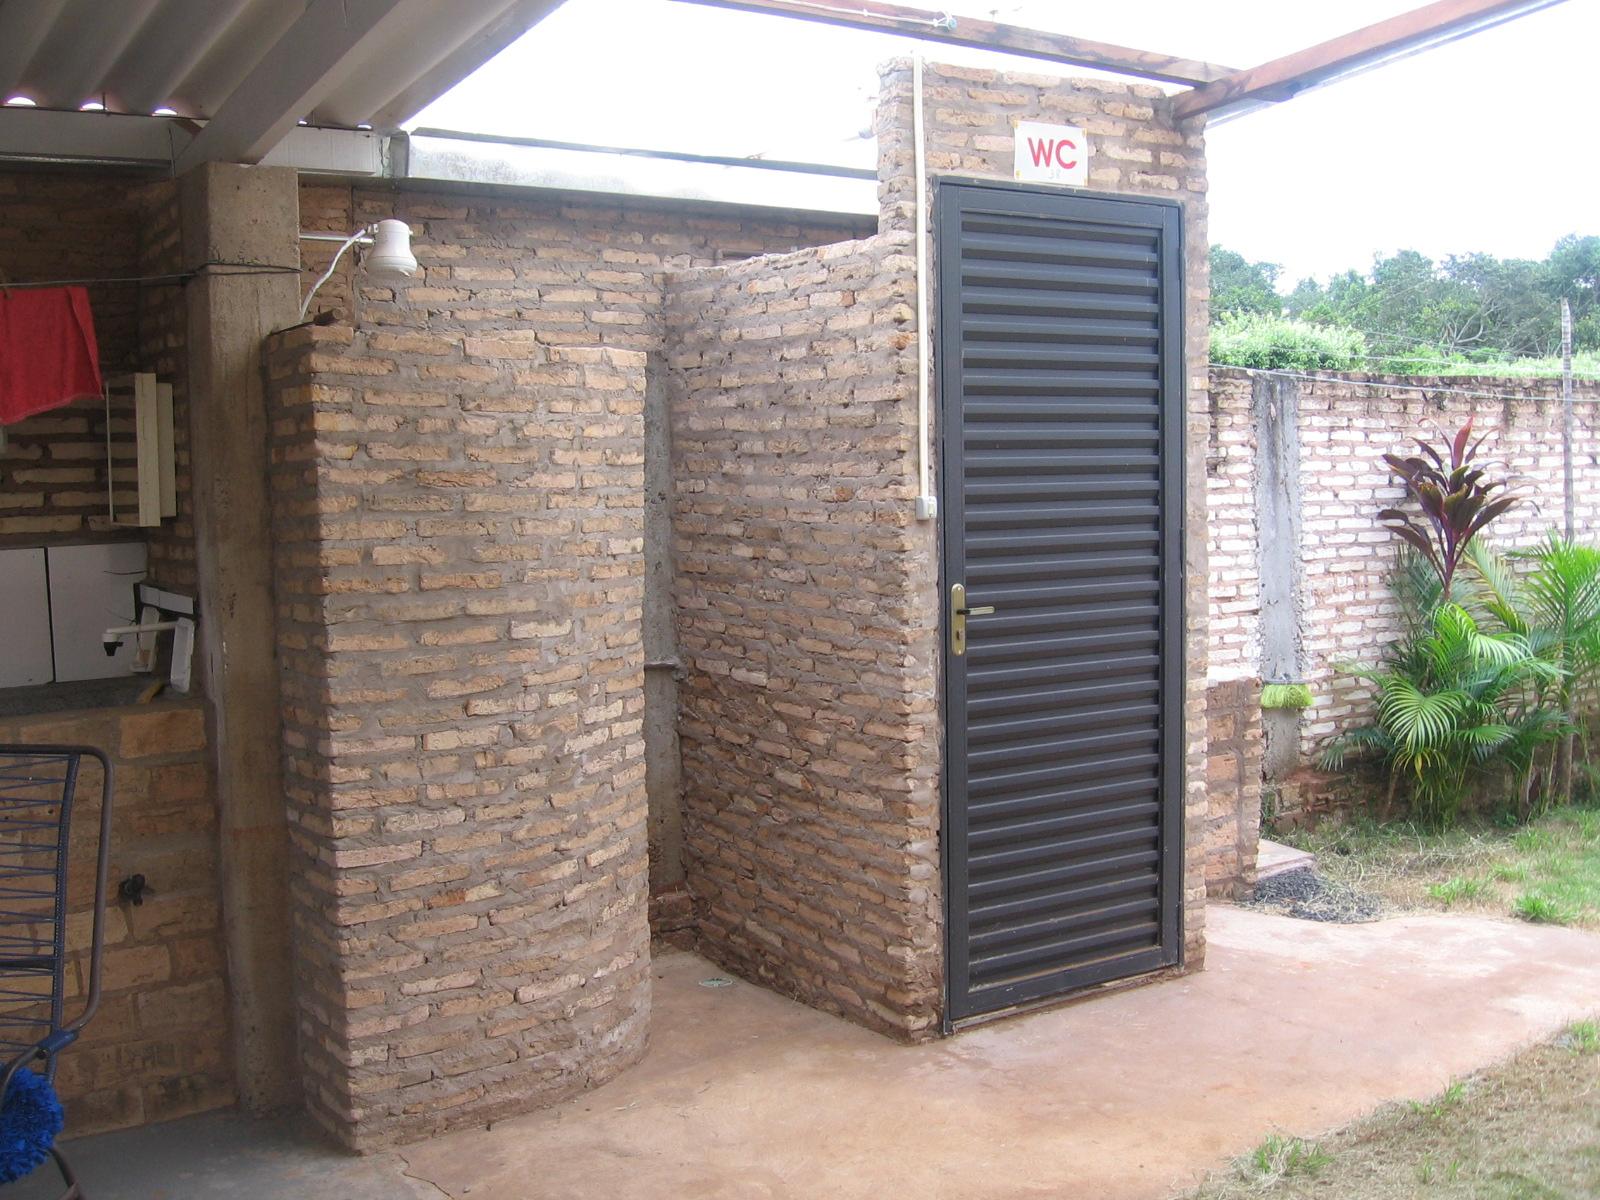 Casa na Lagoa: Banheiro externo da Casa #81664A 1600 1200